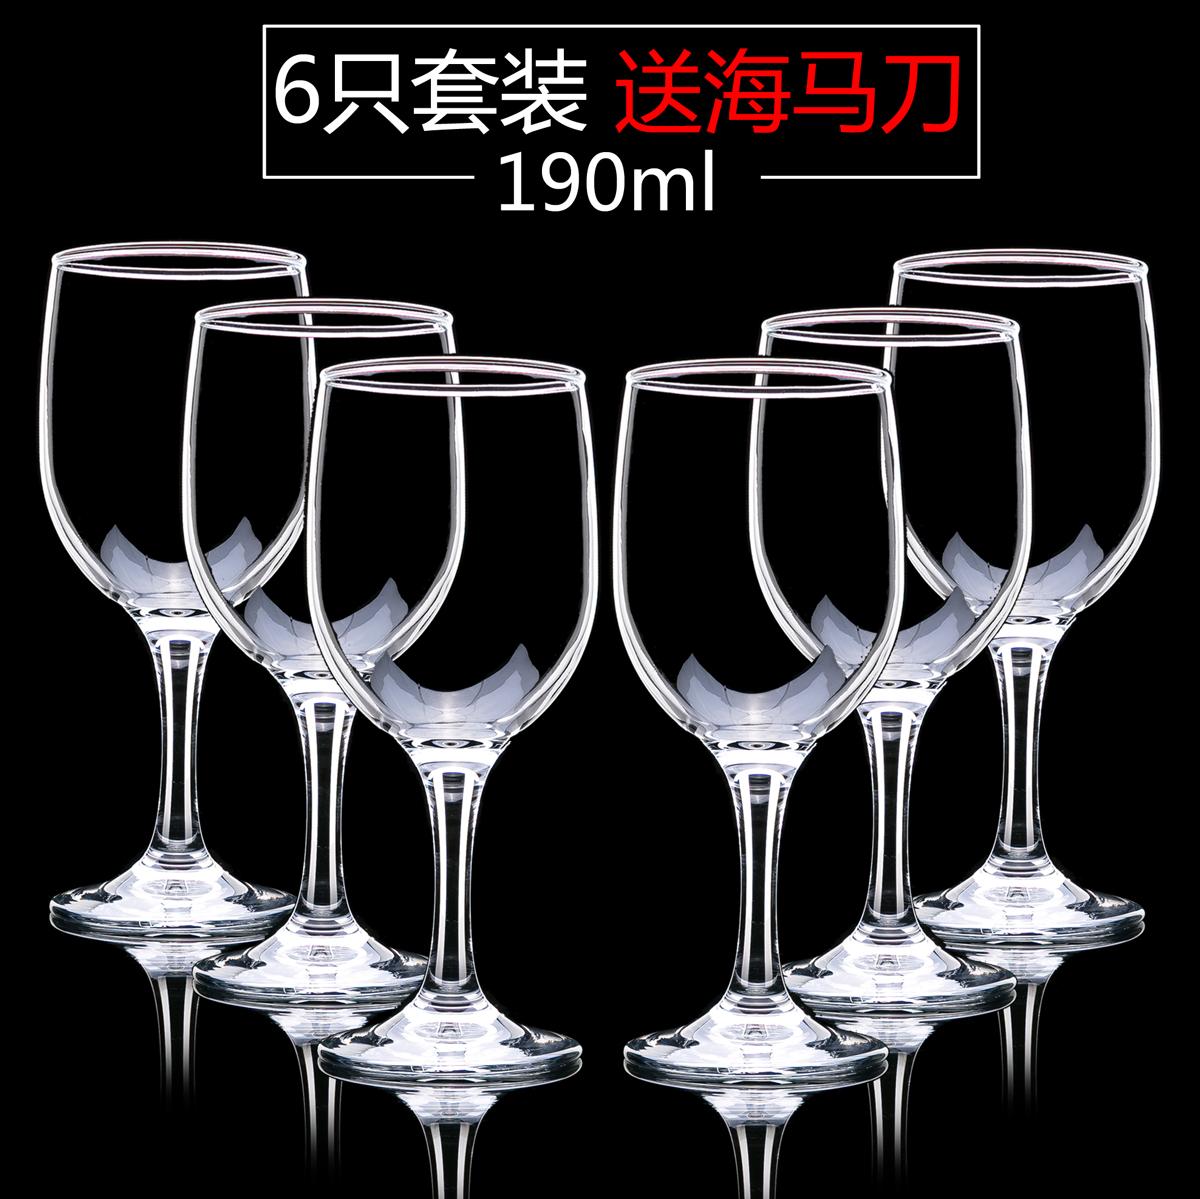 天天特价红酒杯葡萄酒杯高脚杯白酒杯玻璃杯6只装玻璃红酒杯套装